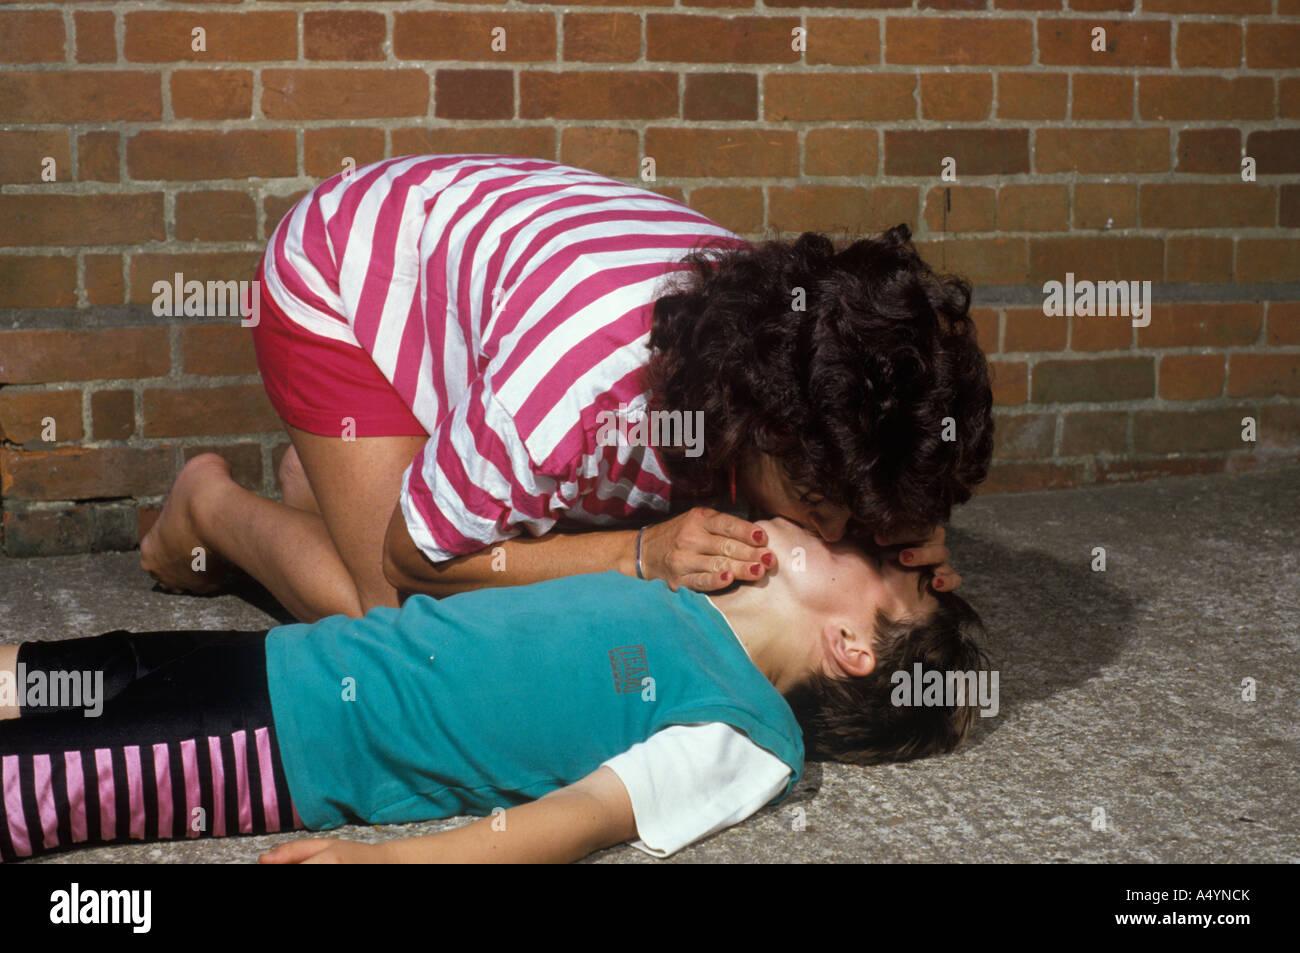 Boy woman kiss 7 Places